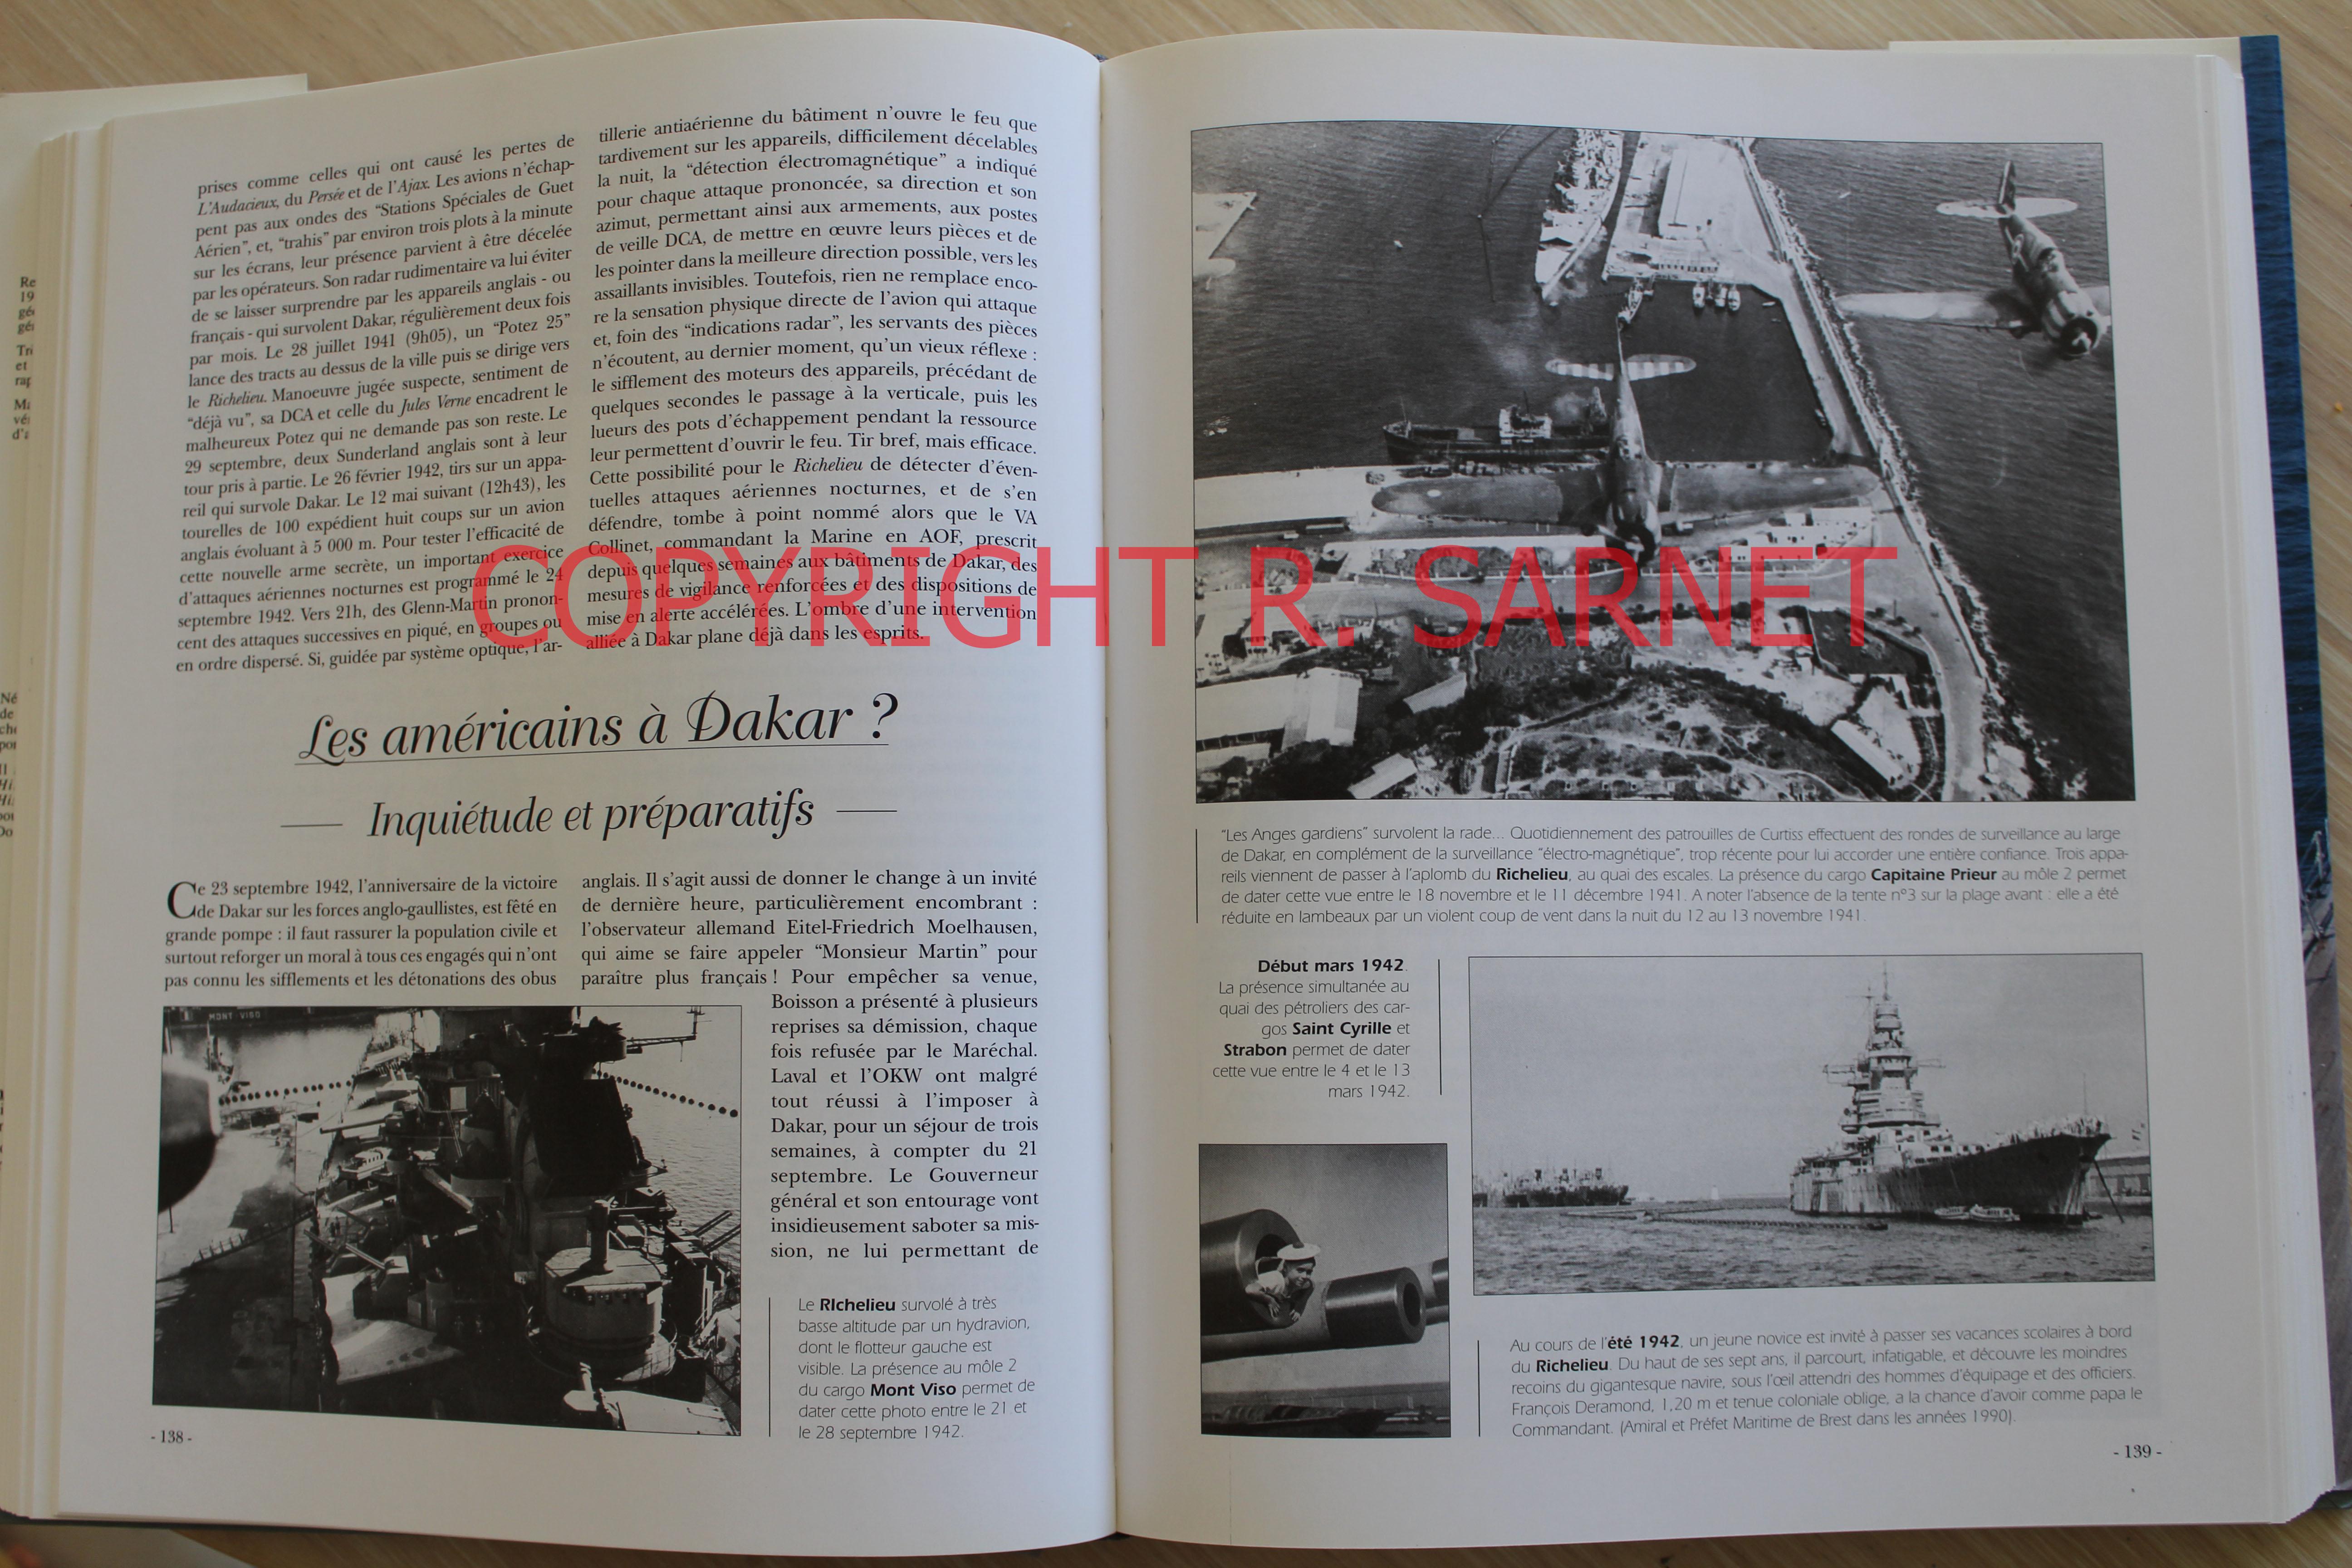 Cuirassé Richelieu 1/100 Vrsion 1943 sur plans Polonais et Sarnet + Dumas - Page 2 445065IMG0894